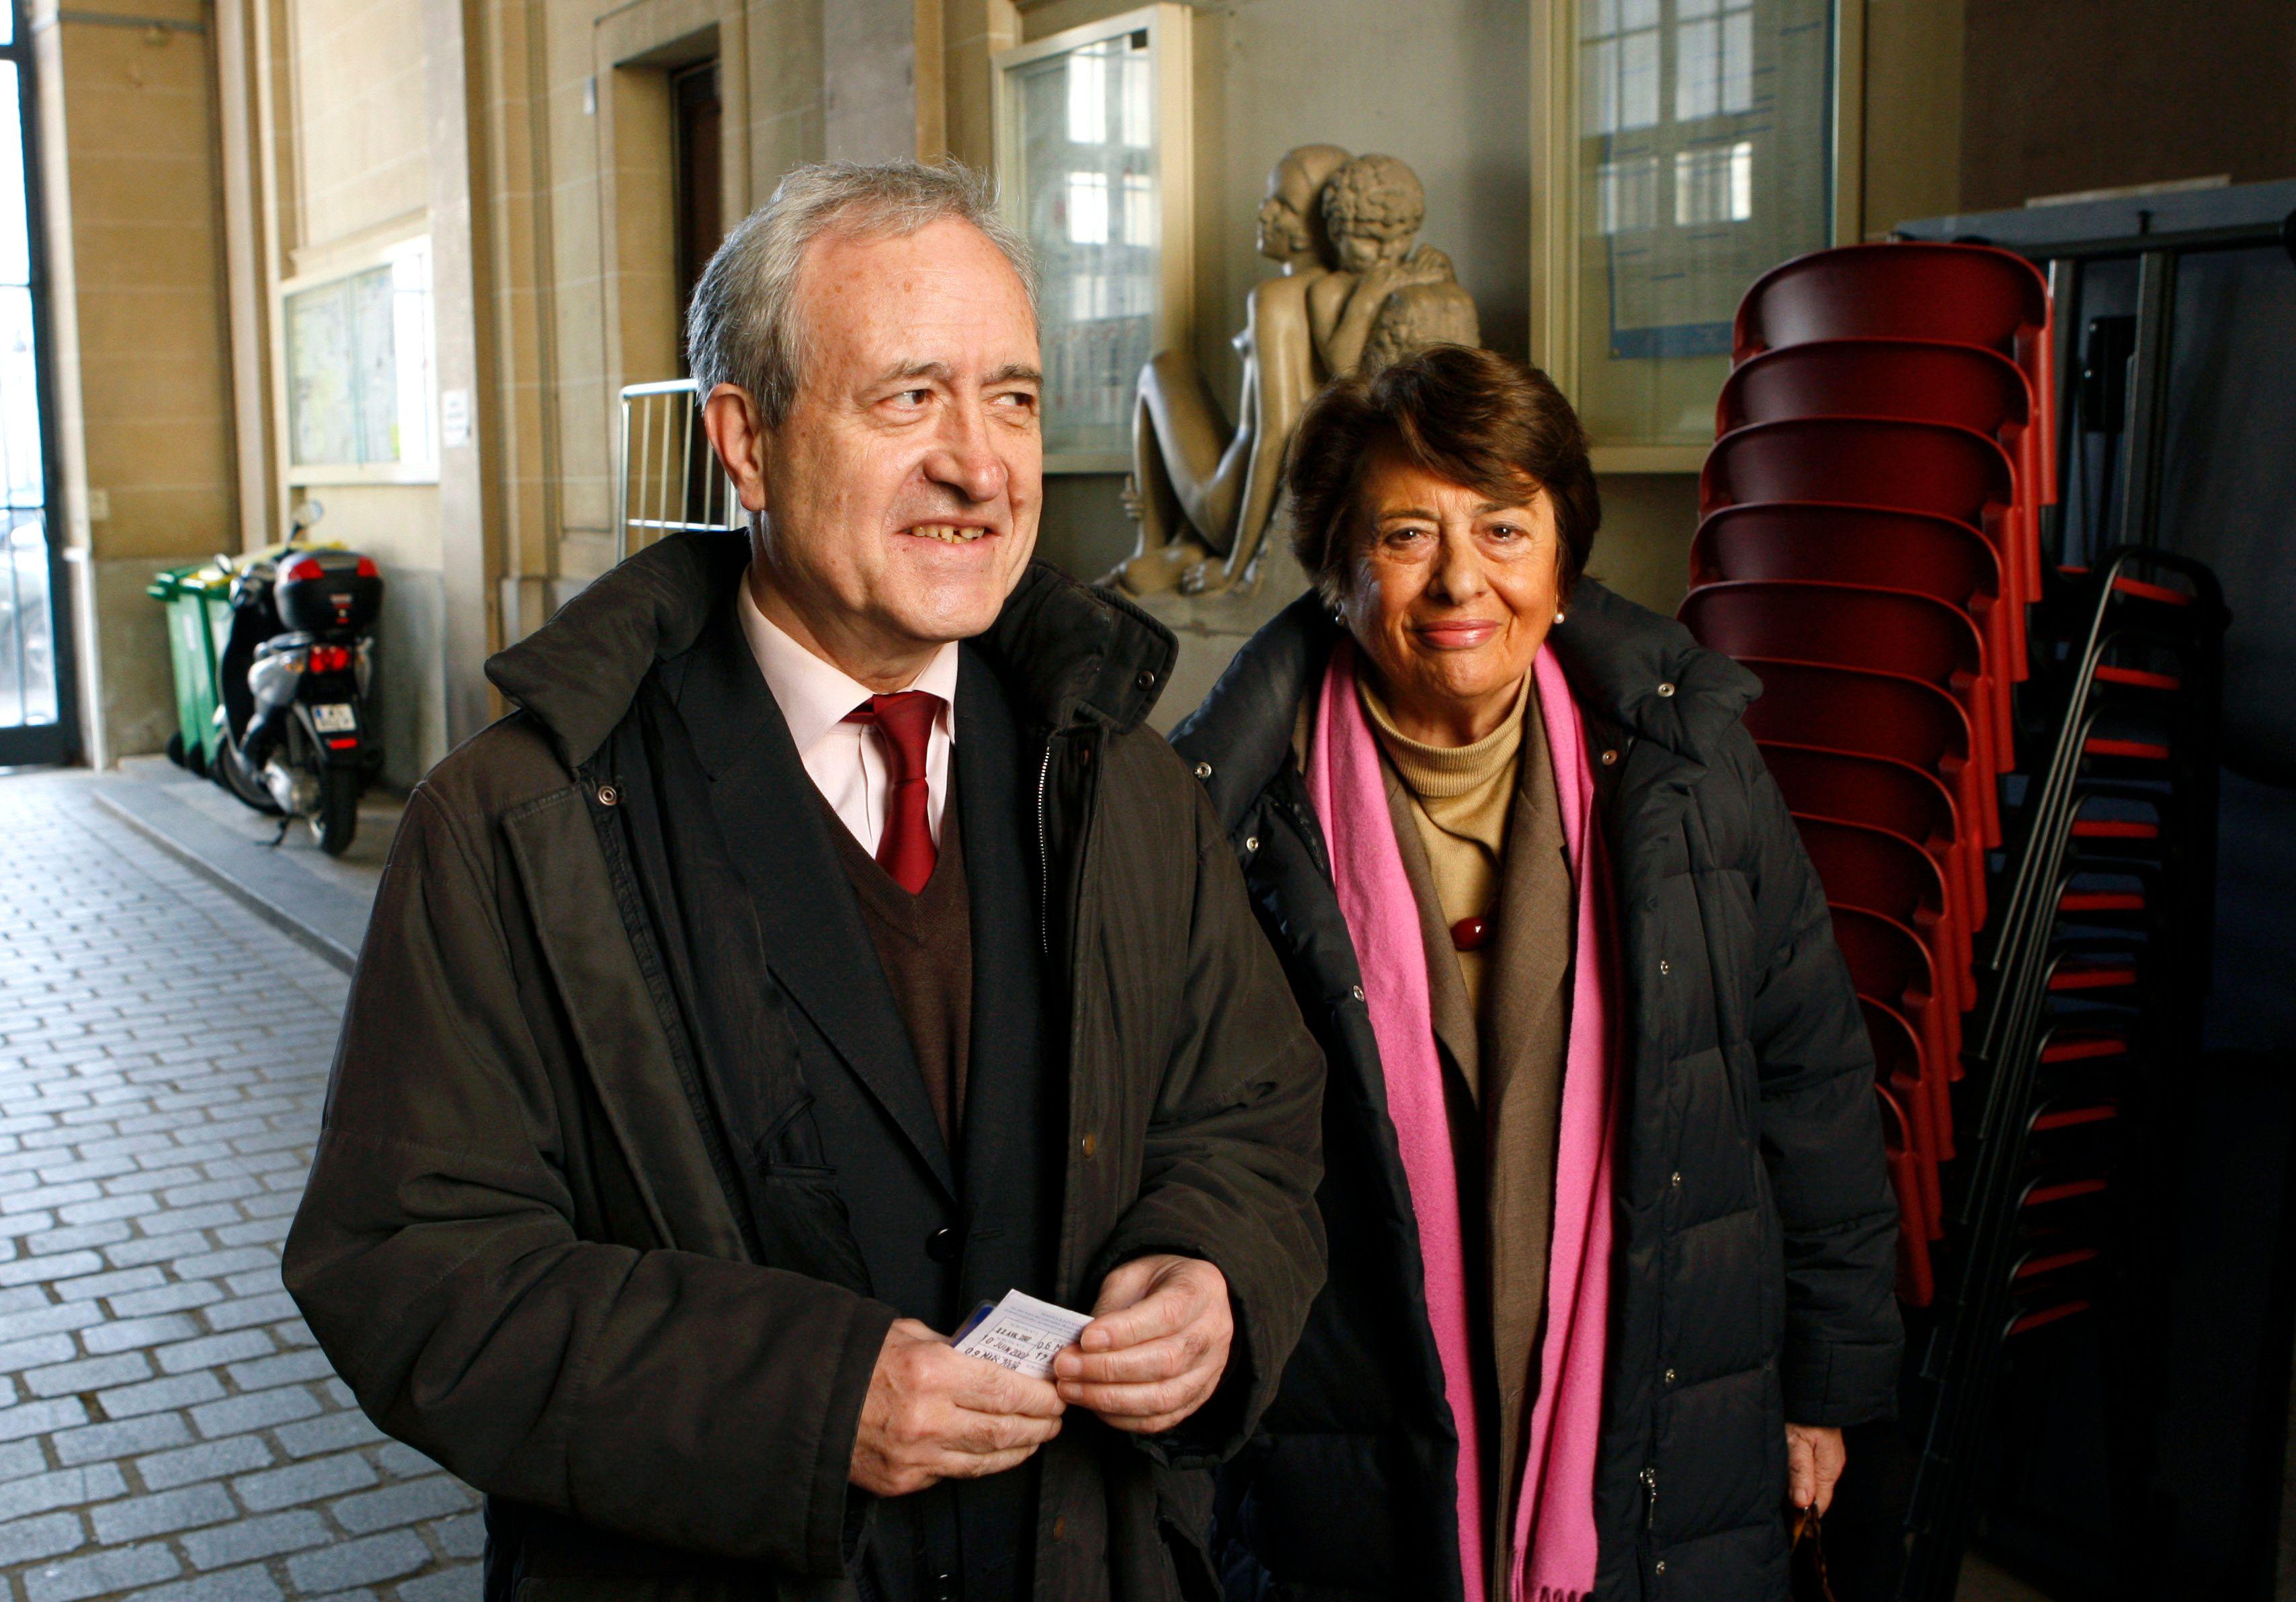 Jean Tibéri a été maire de Paris de 1995 à 2001